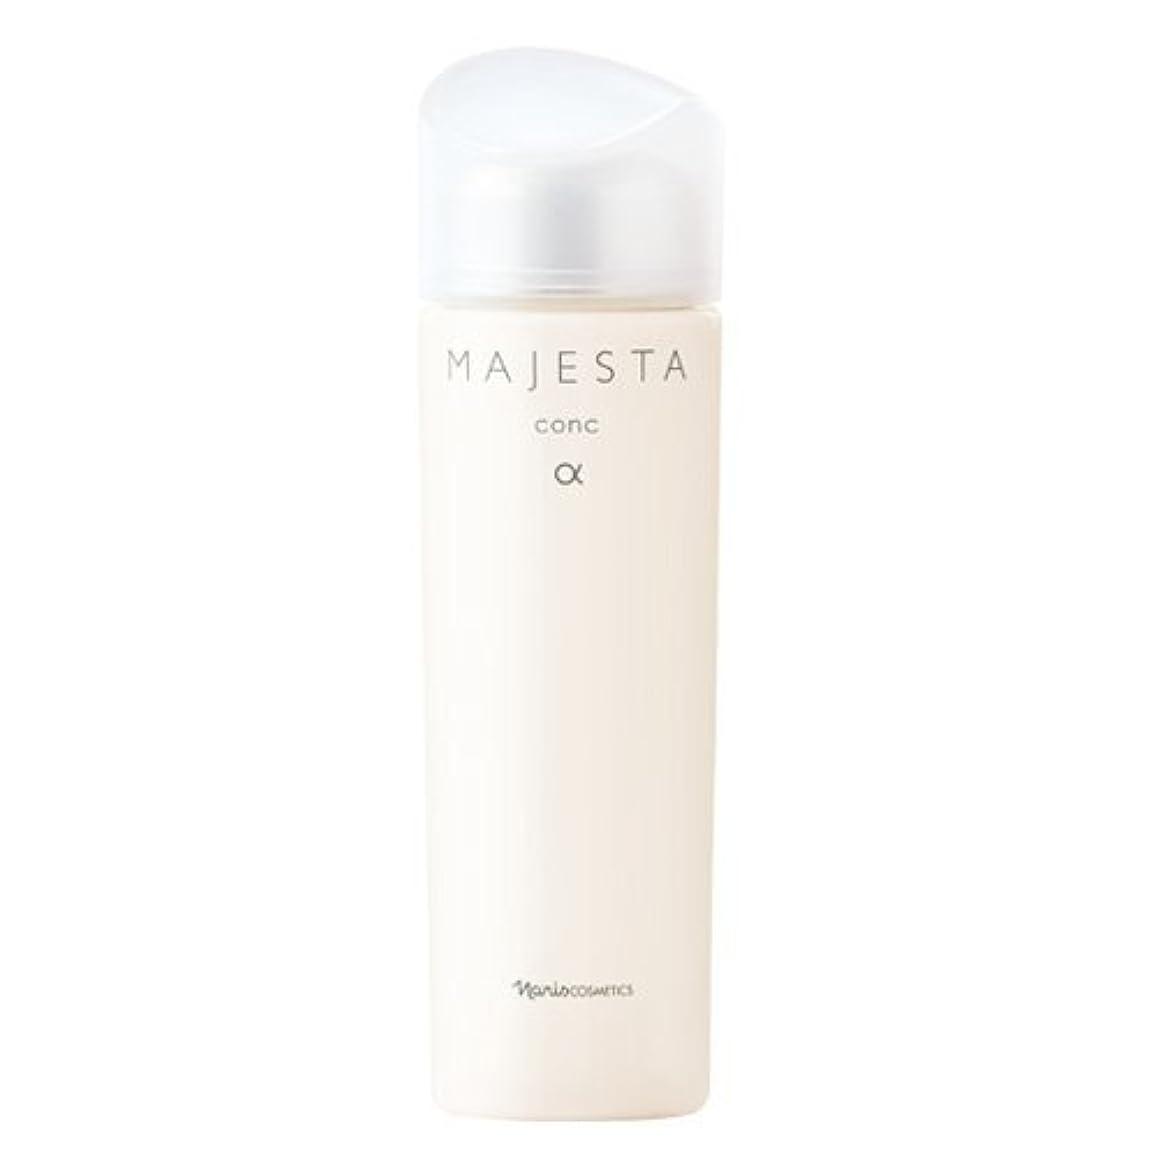 来て有能な素朴なナリス化粧品マジェスタ コンクα (酵素アルカリ)(ふきとり用化粧水)180mL